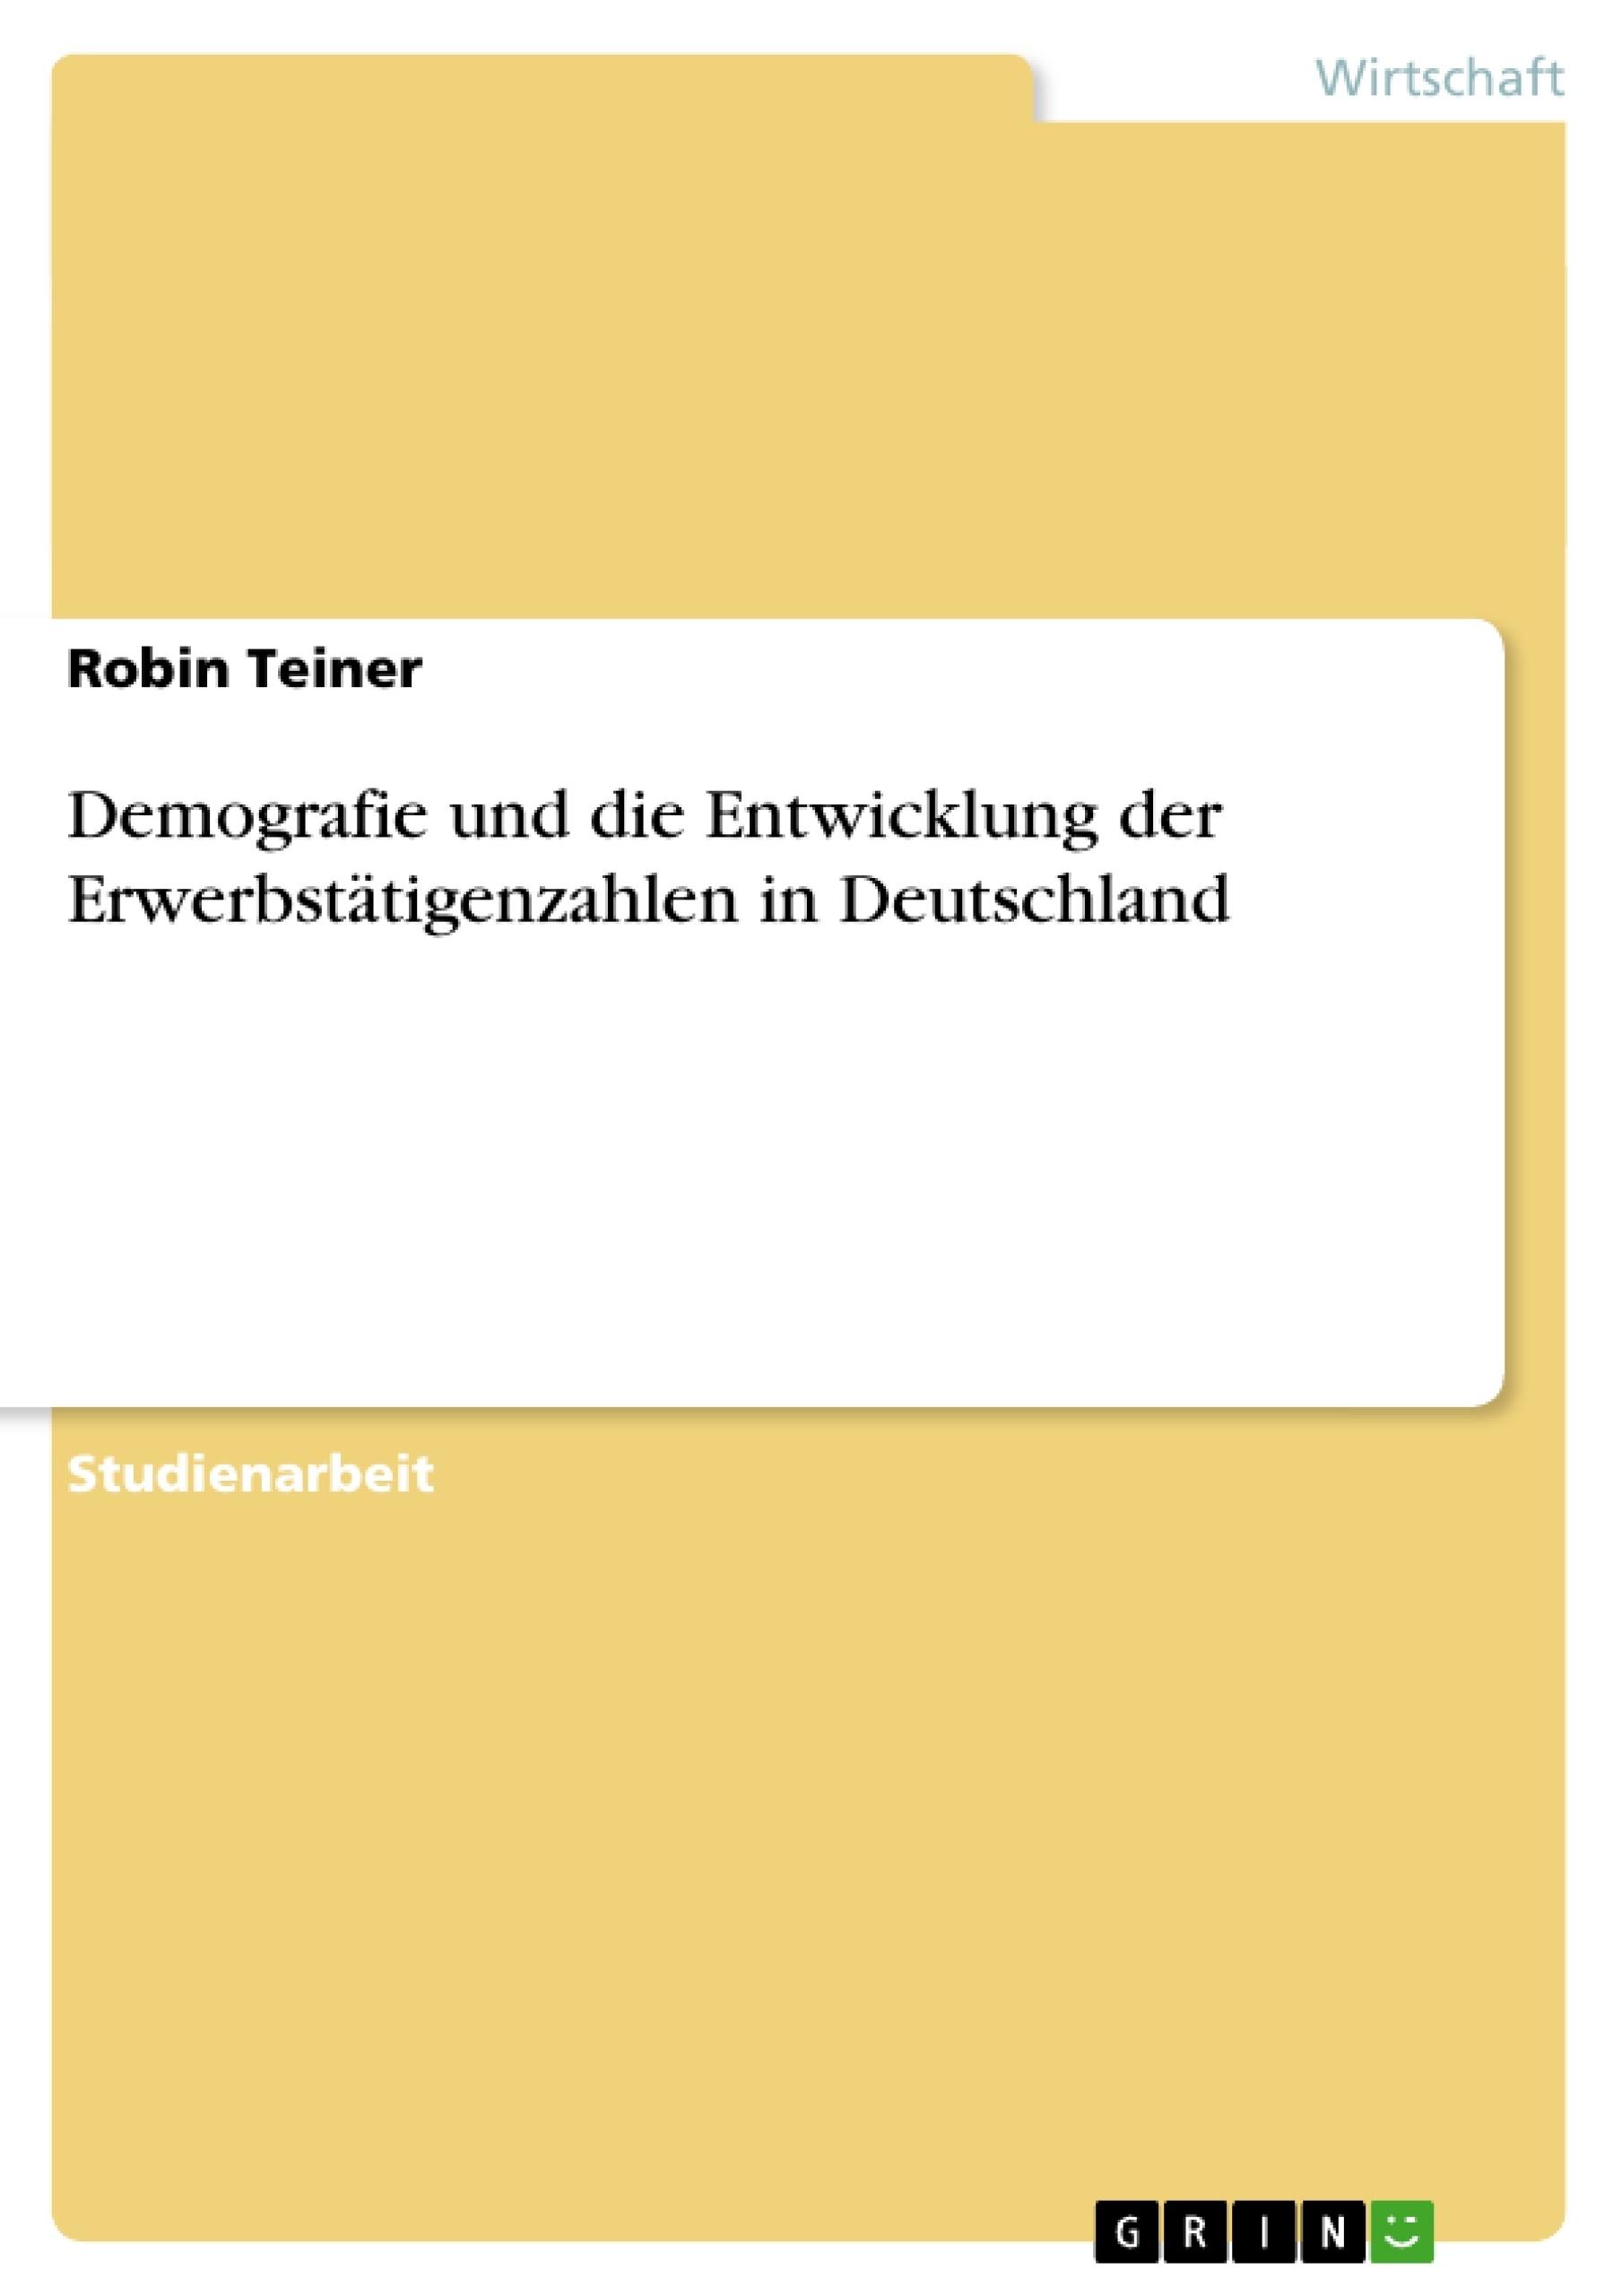 Titel: Demografie und die Entwicklung der Erwerbstätigenzahlen in Deutschland